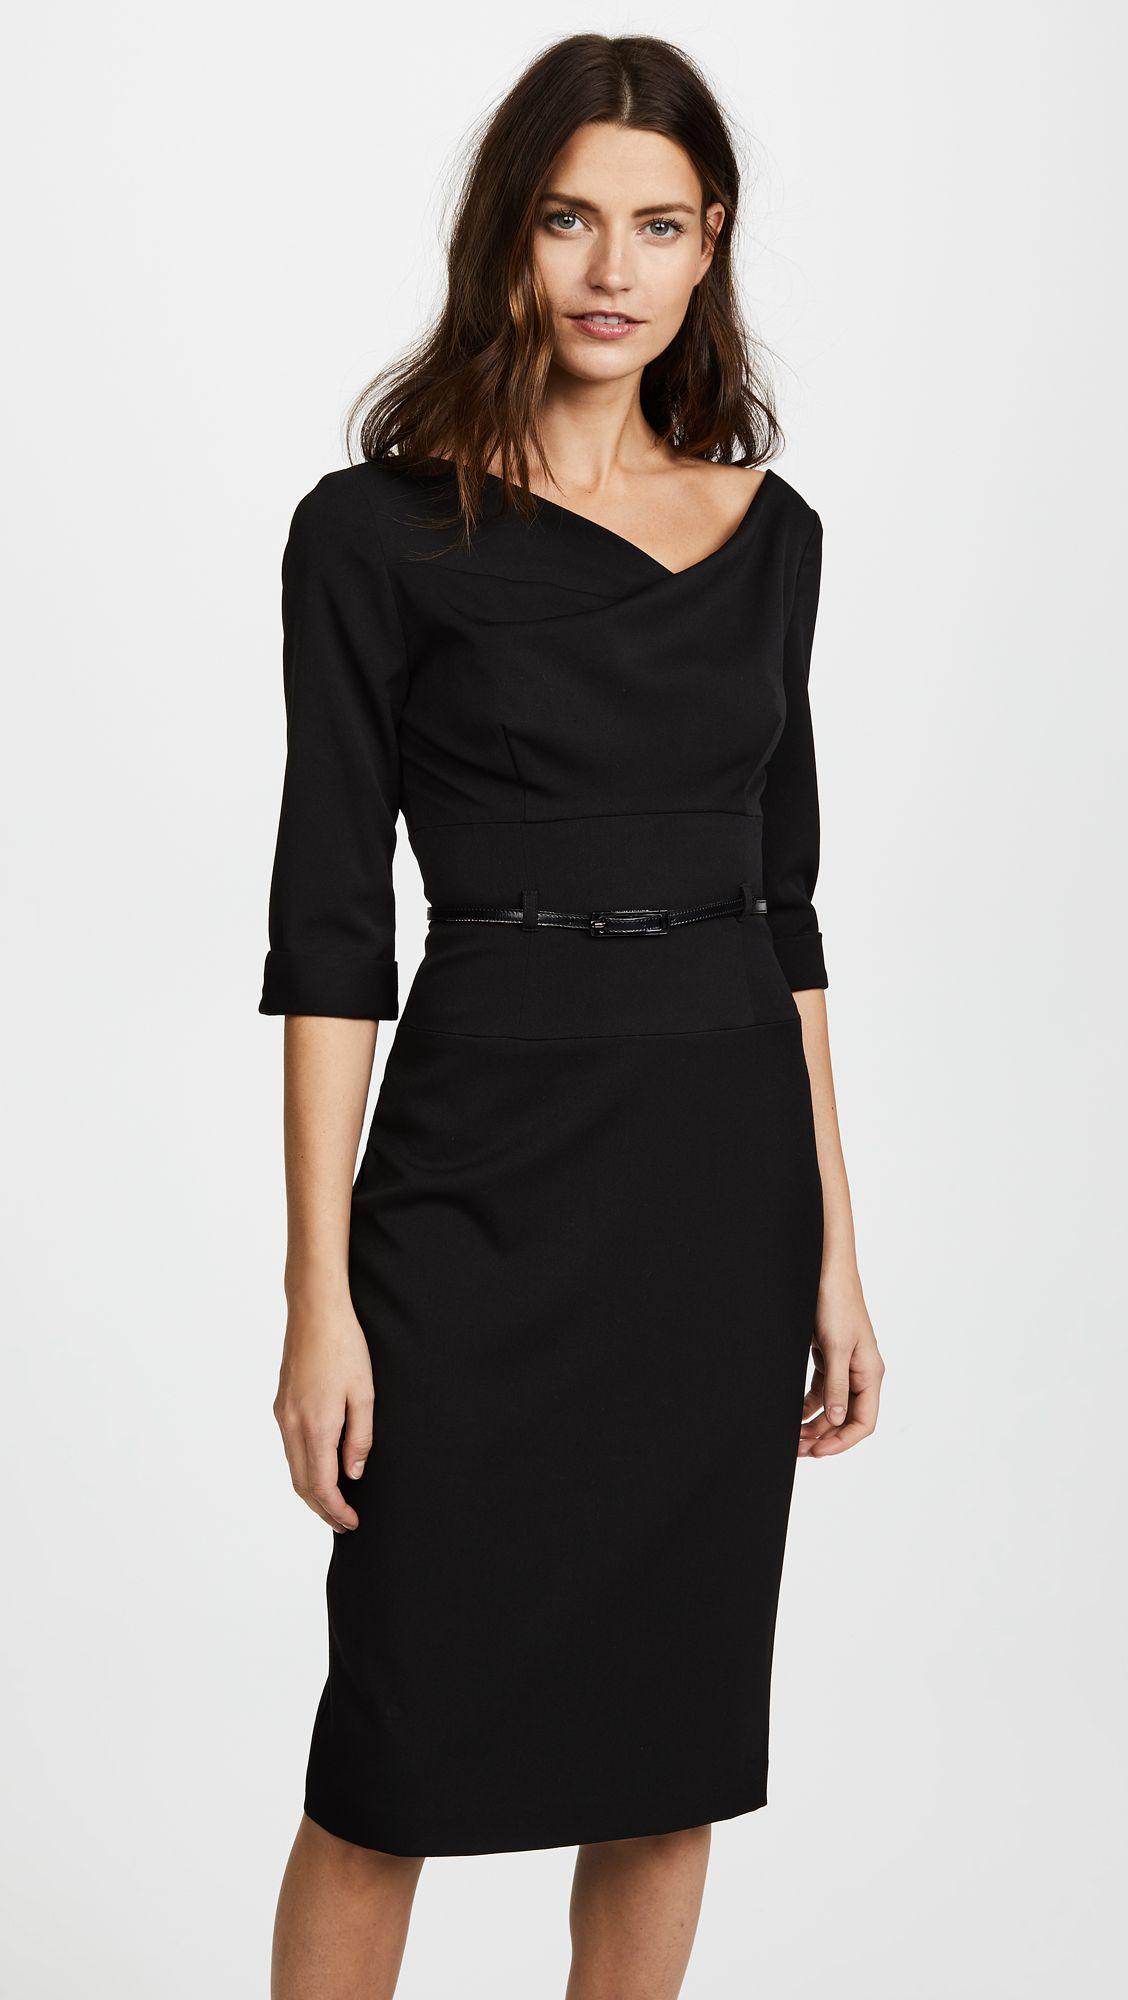 3/4 Sleeve Jackie O Dress